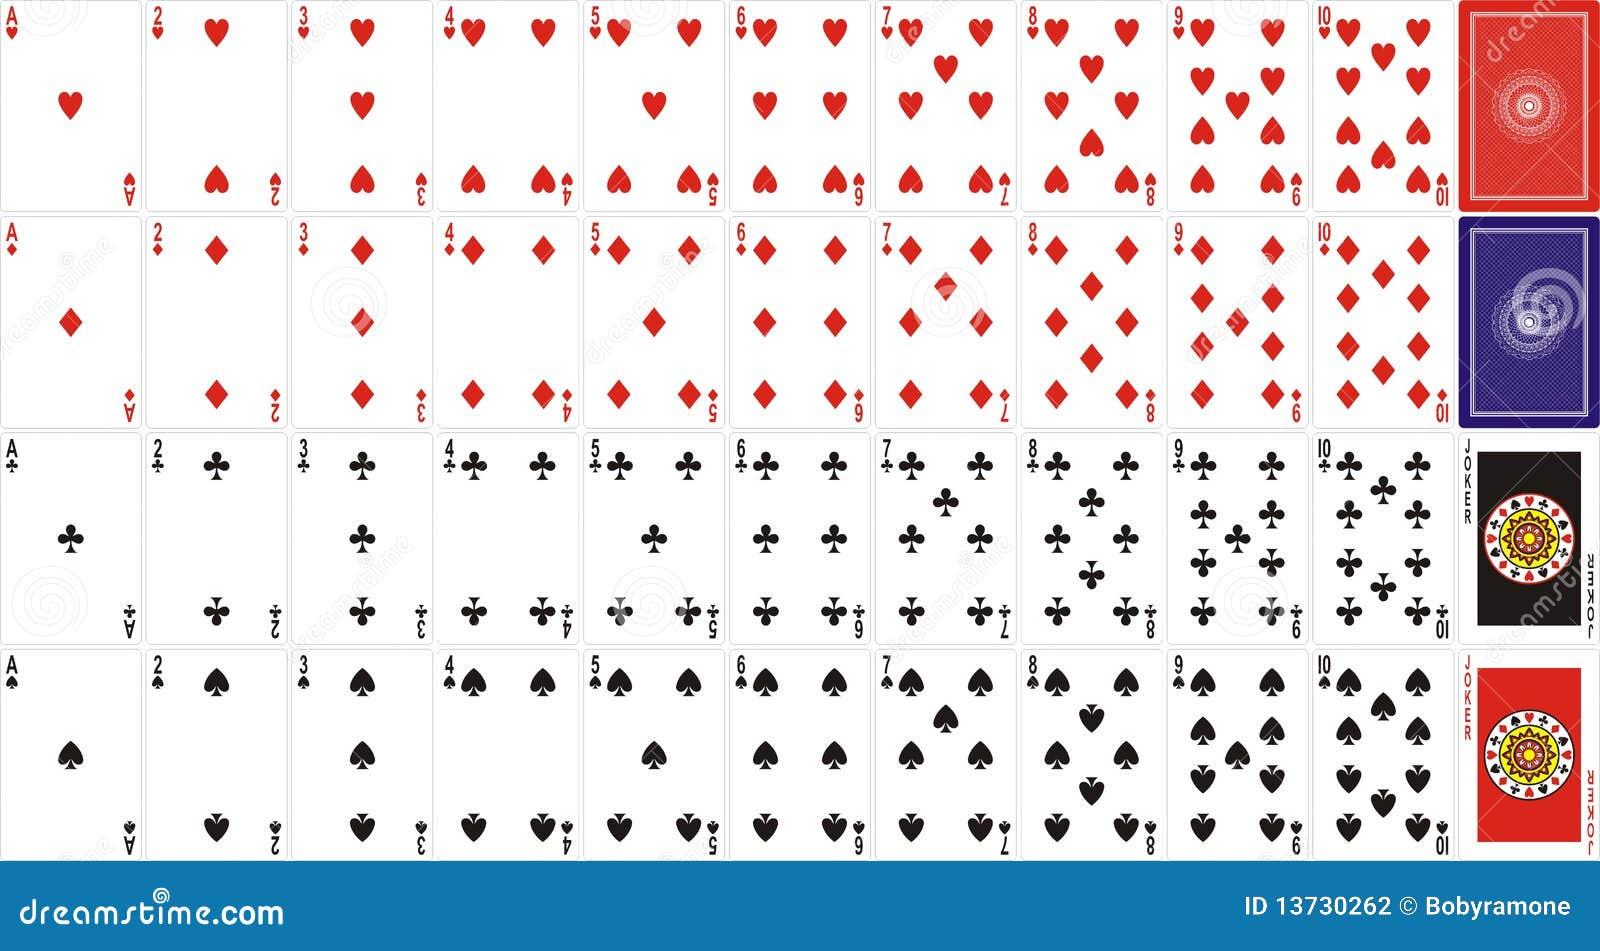 Pokerkarten Reihenfolge